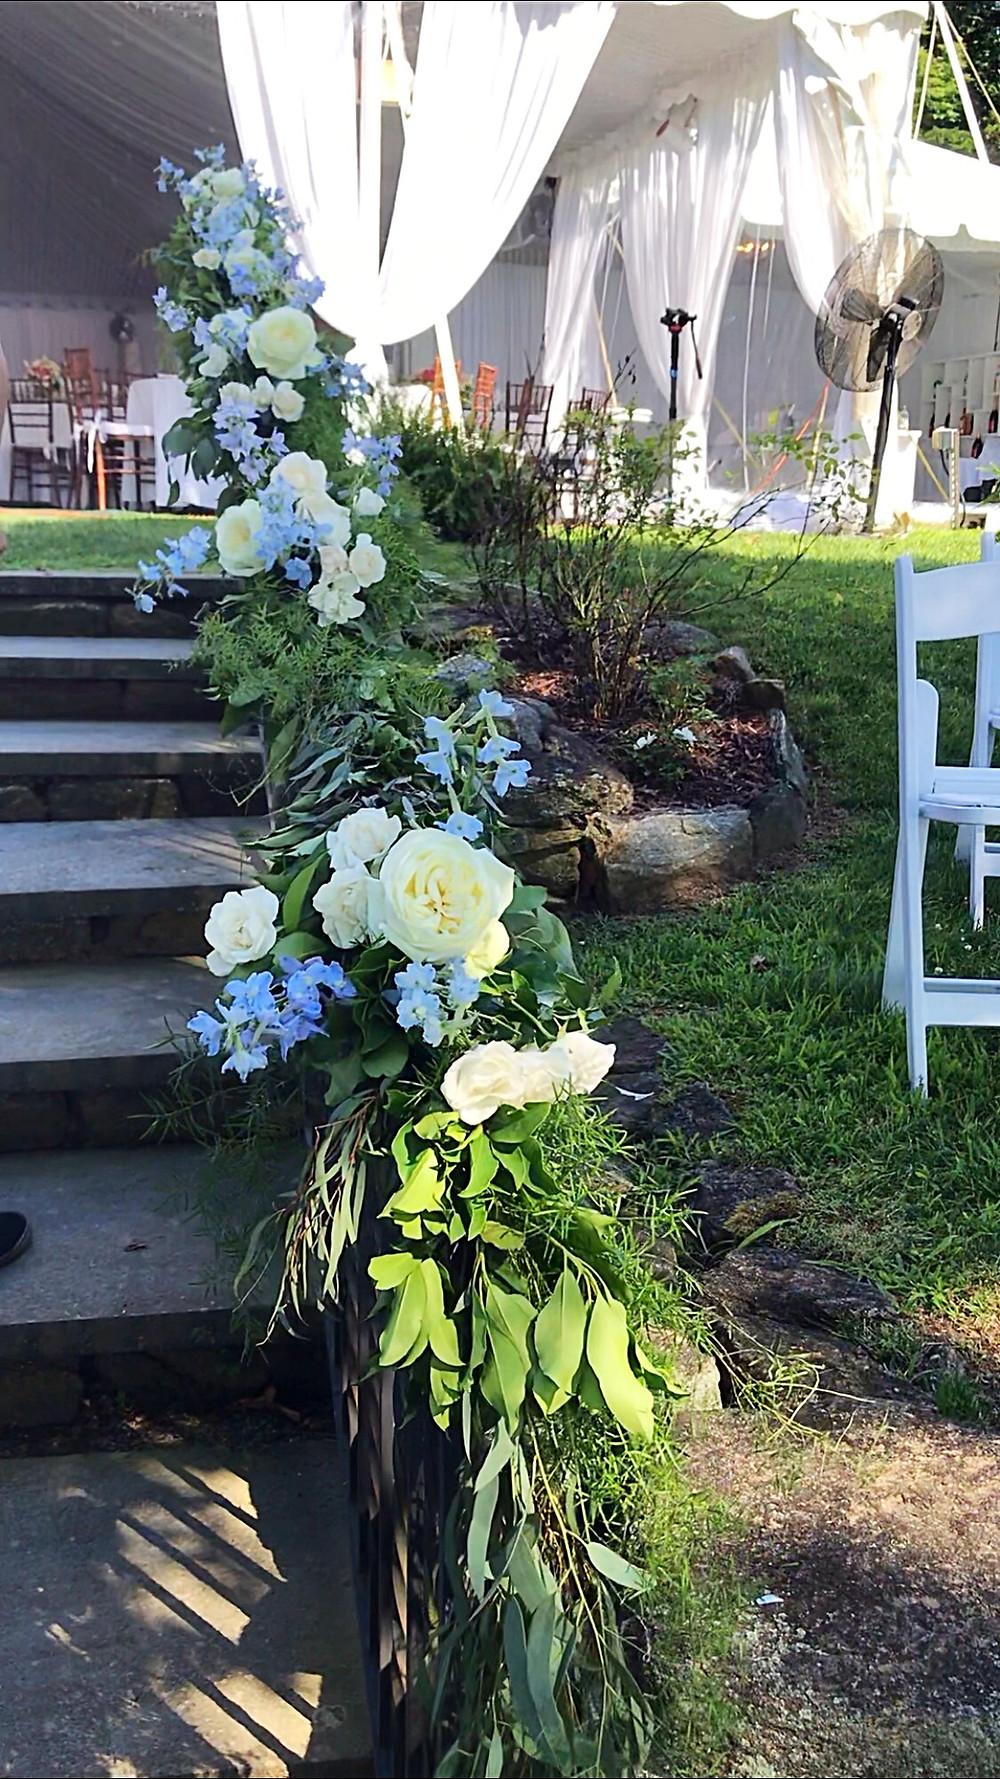 Stair rail flower decor at